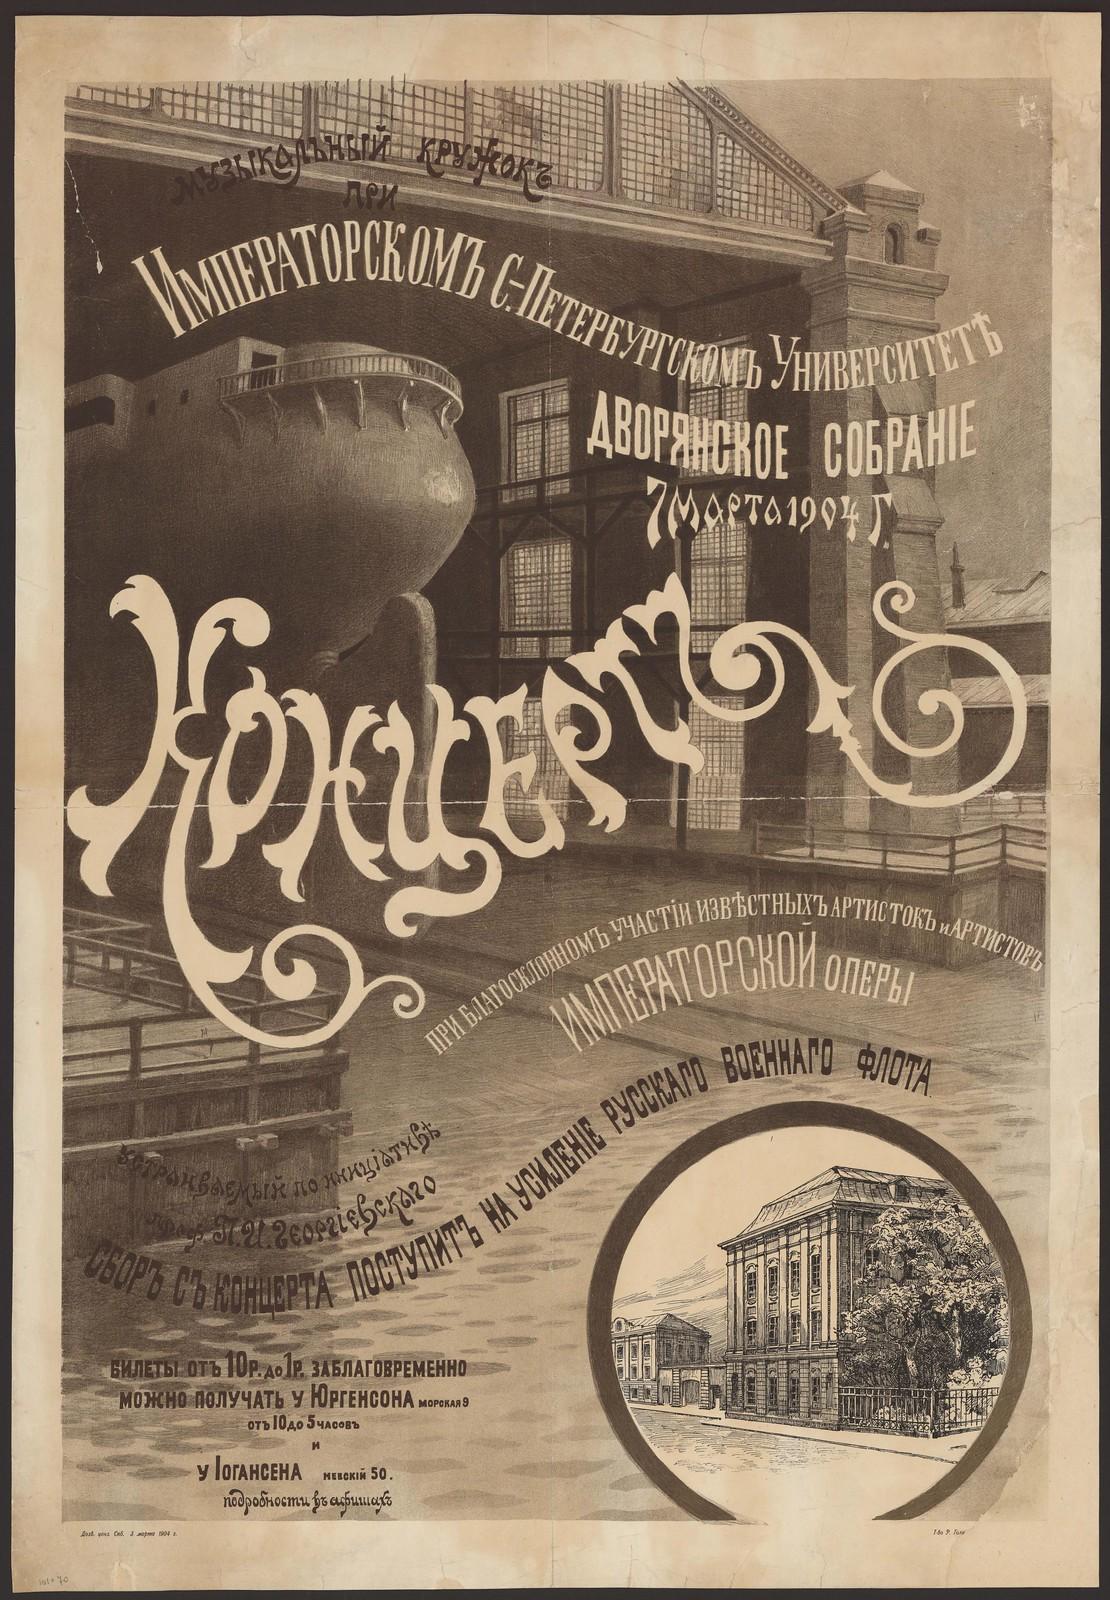 1904. Концерт при благосклонном участии известных артисток и артистов Императорской оперы